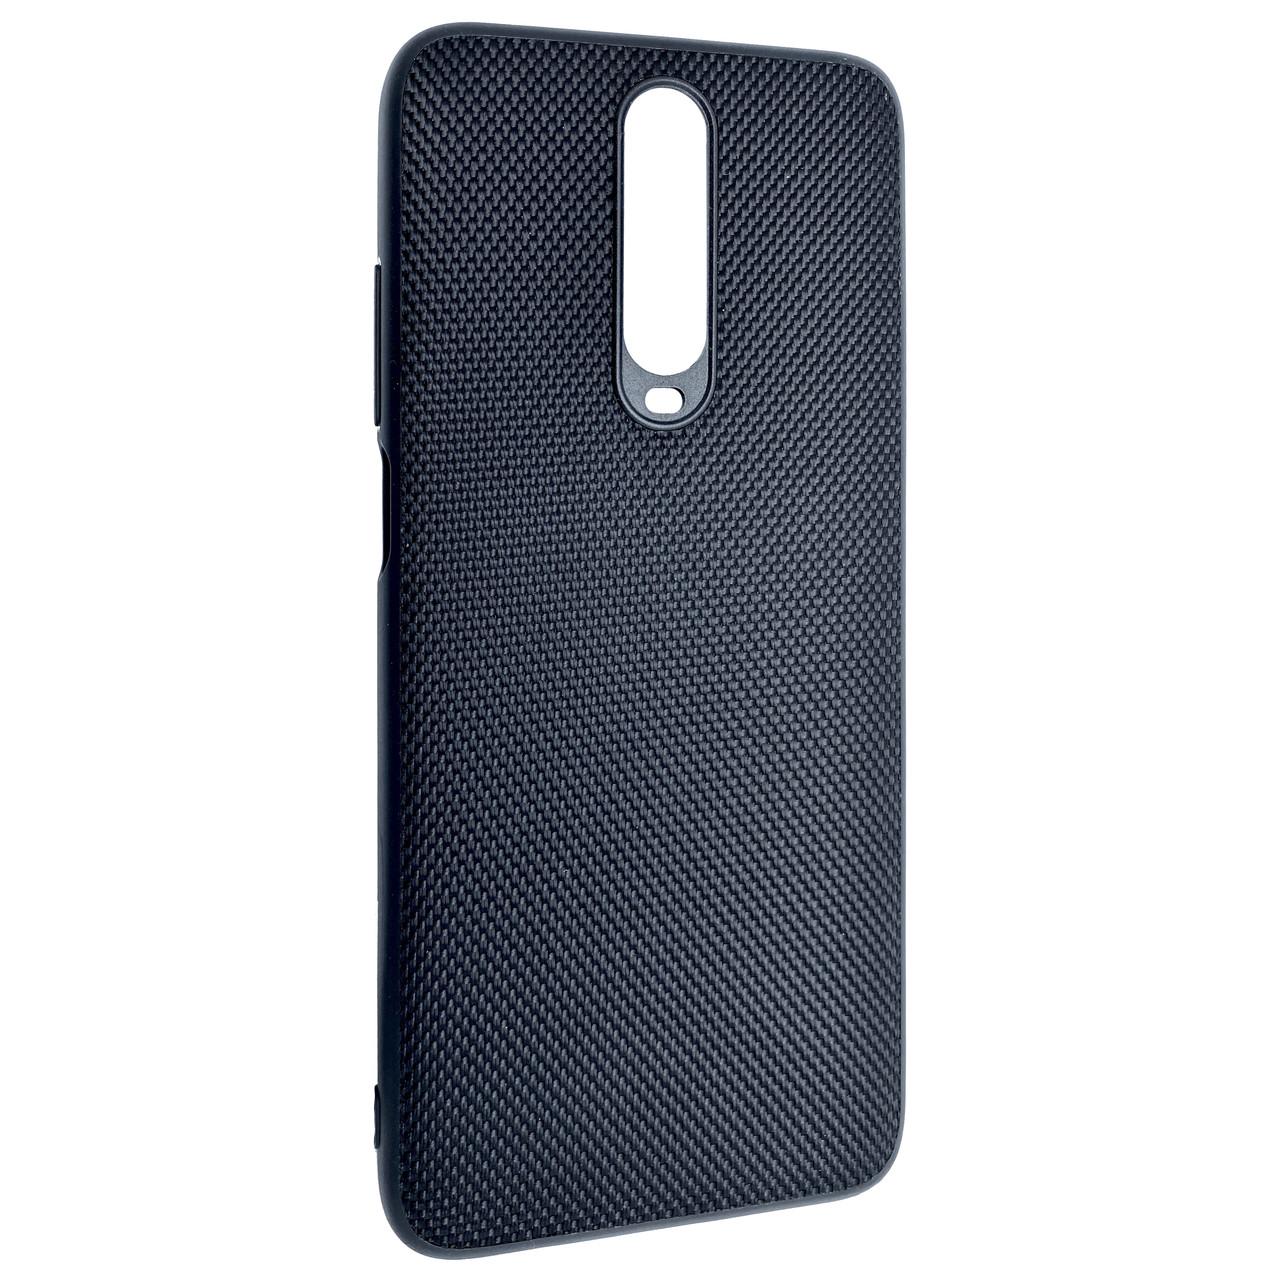 Чохол DK Nylon Silicone Case Xiaomi Mi 10T / Redmi K30 (black)